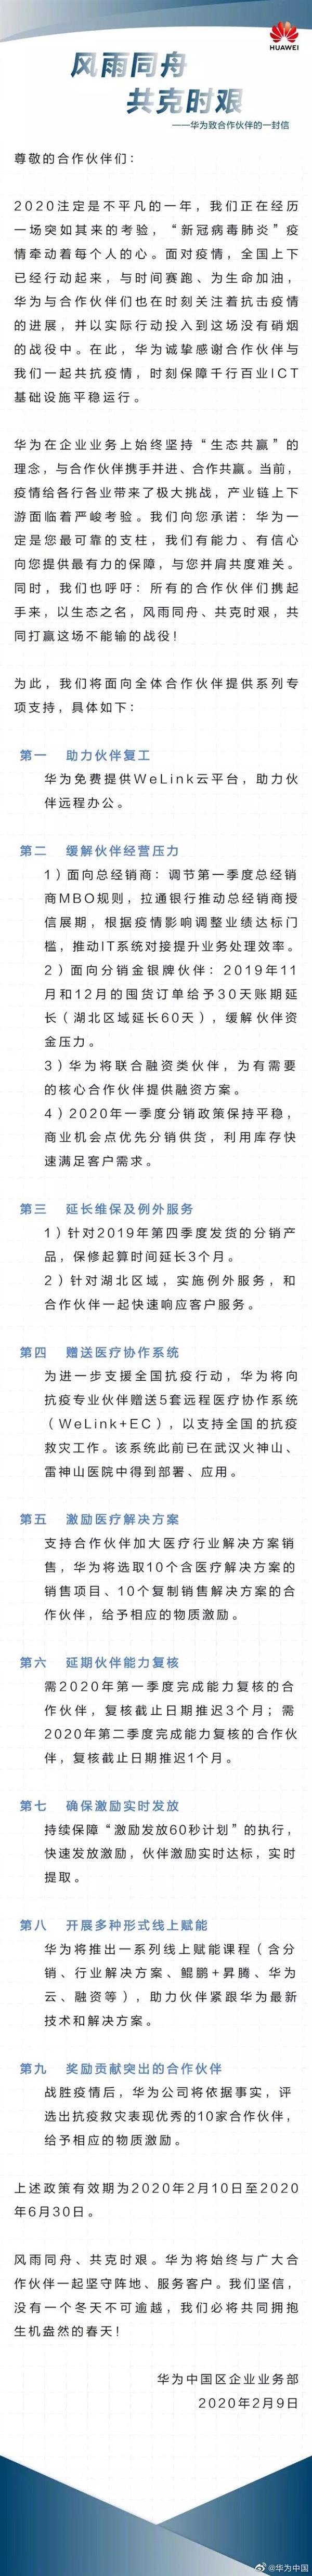 9个决定!华为发布公开信:向全体合作伙伴提供支持